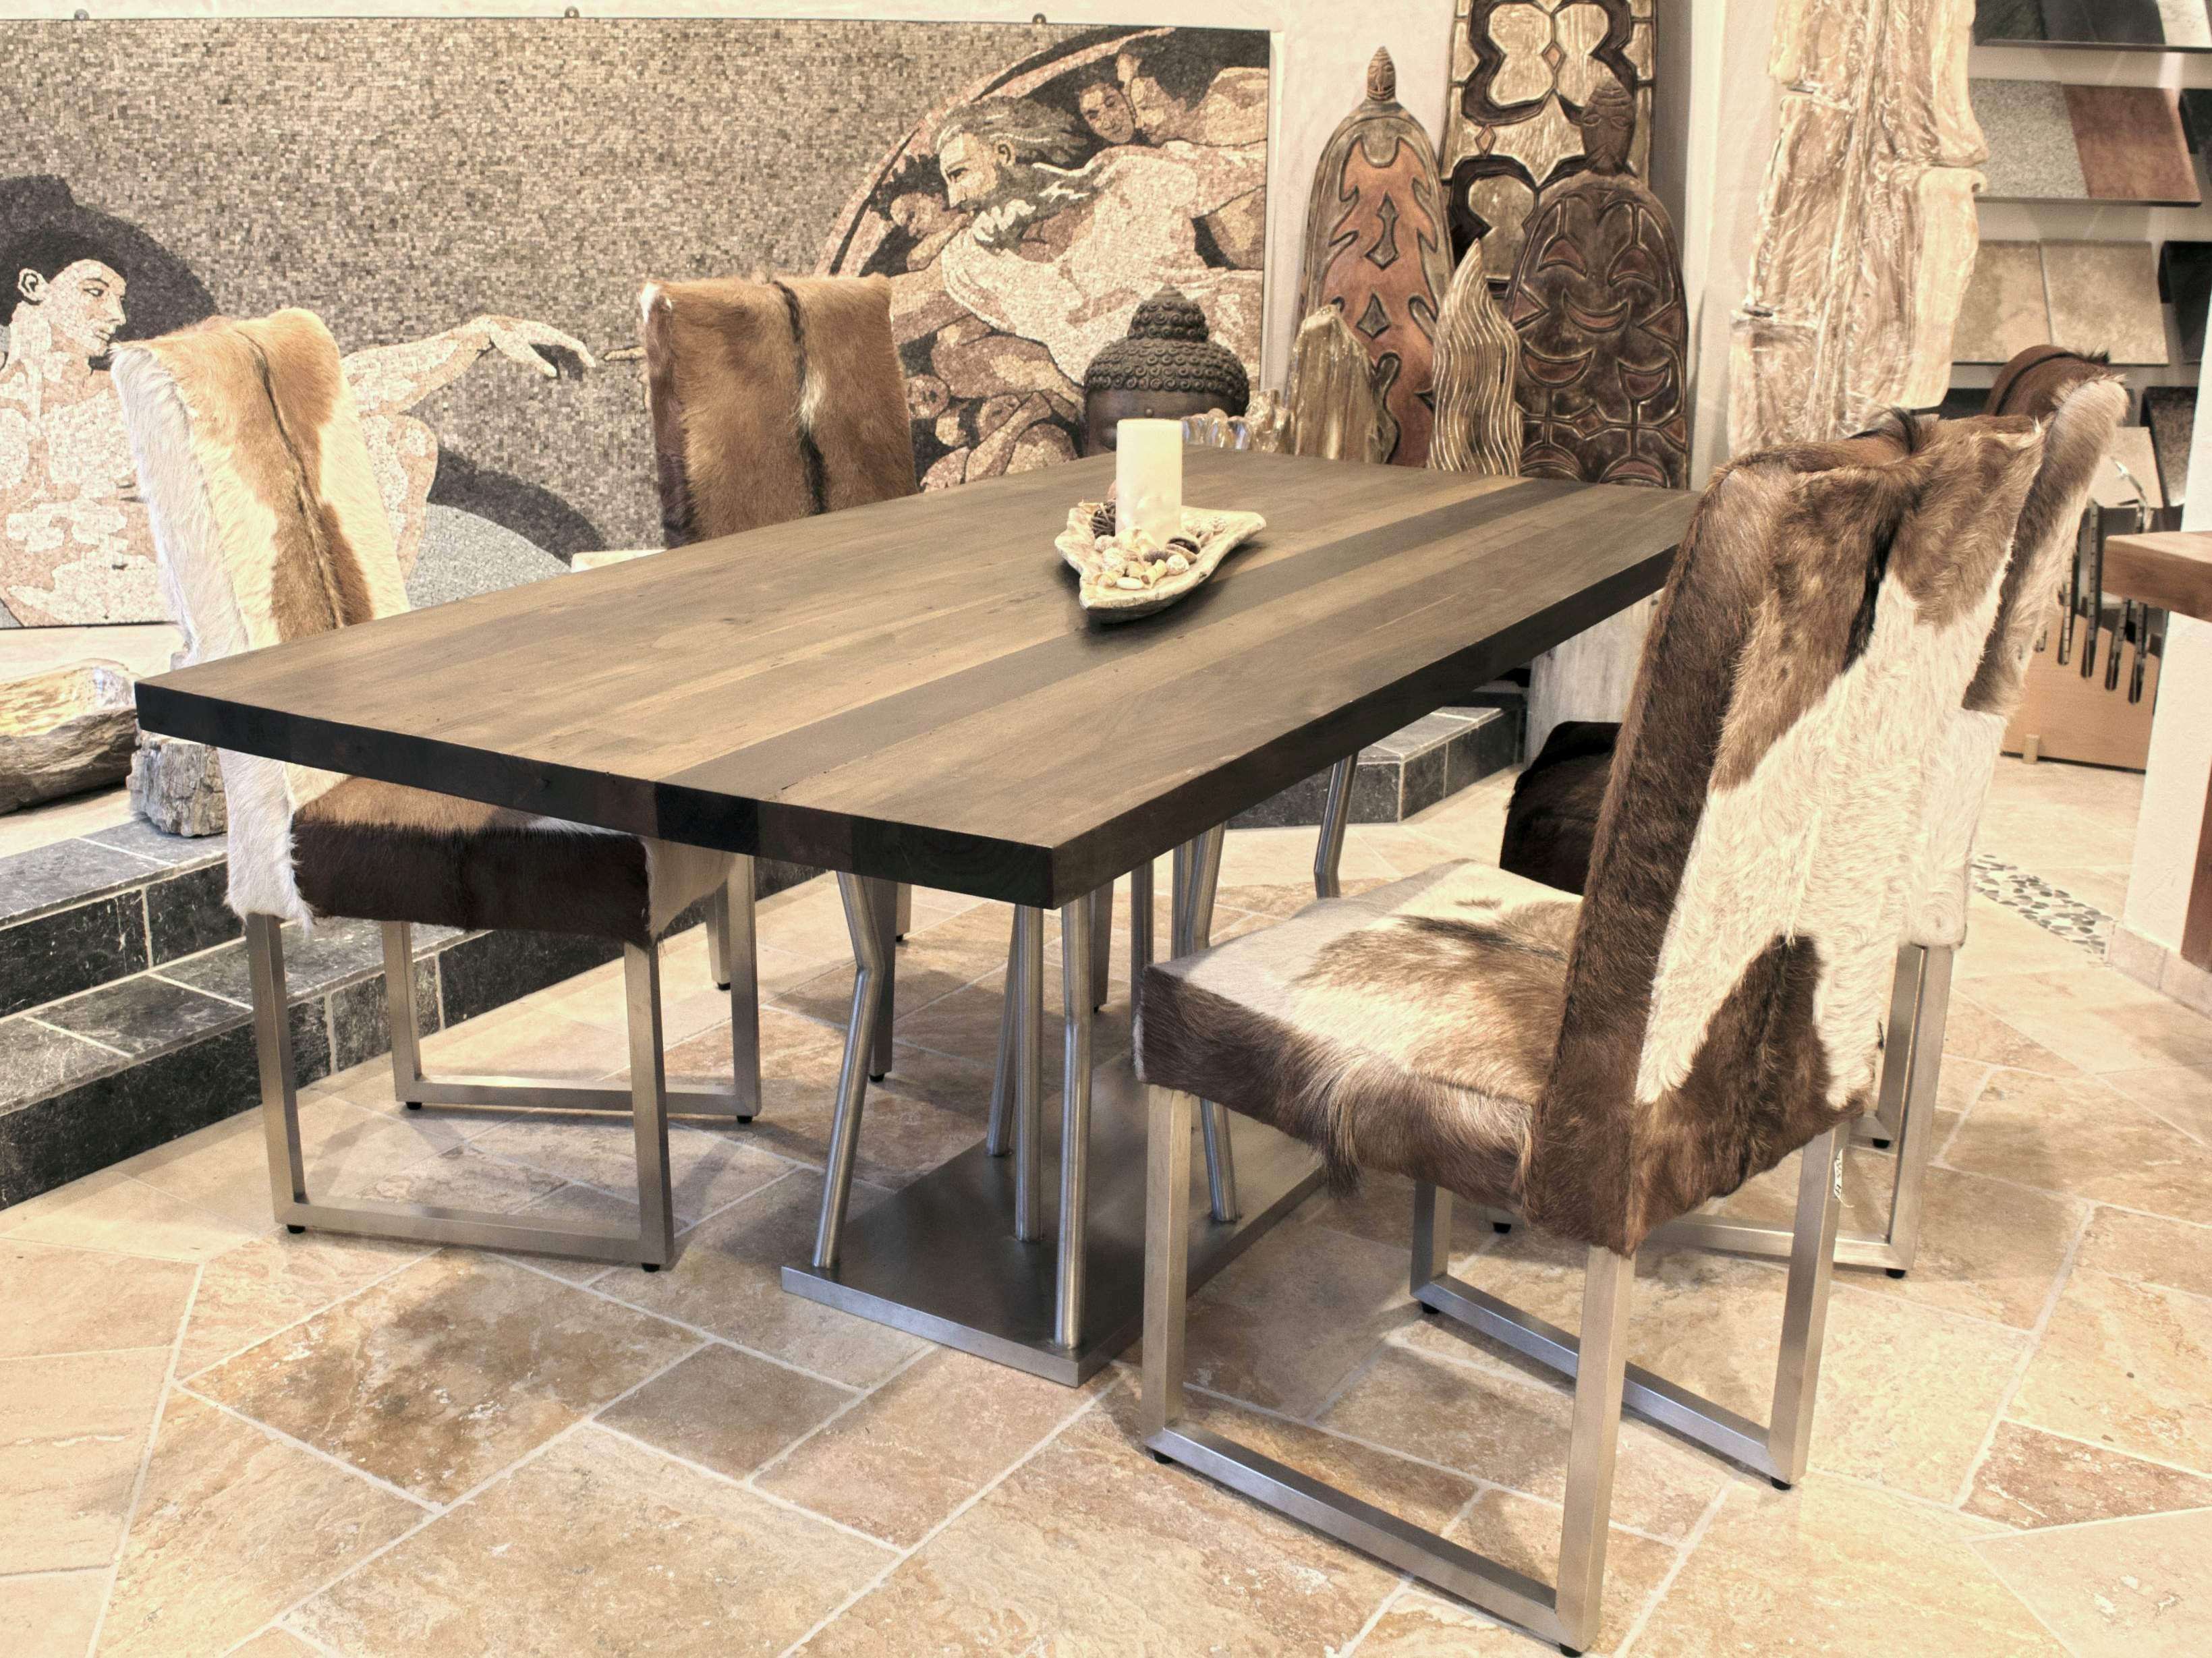 esstisch mit tischgestell aus edelstahl 200 x 100 cm der. Black Bedroom Furniture Sets. Home Design Ideas